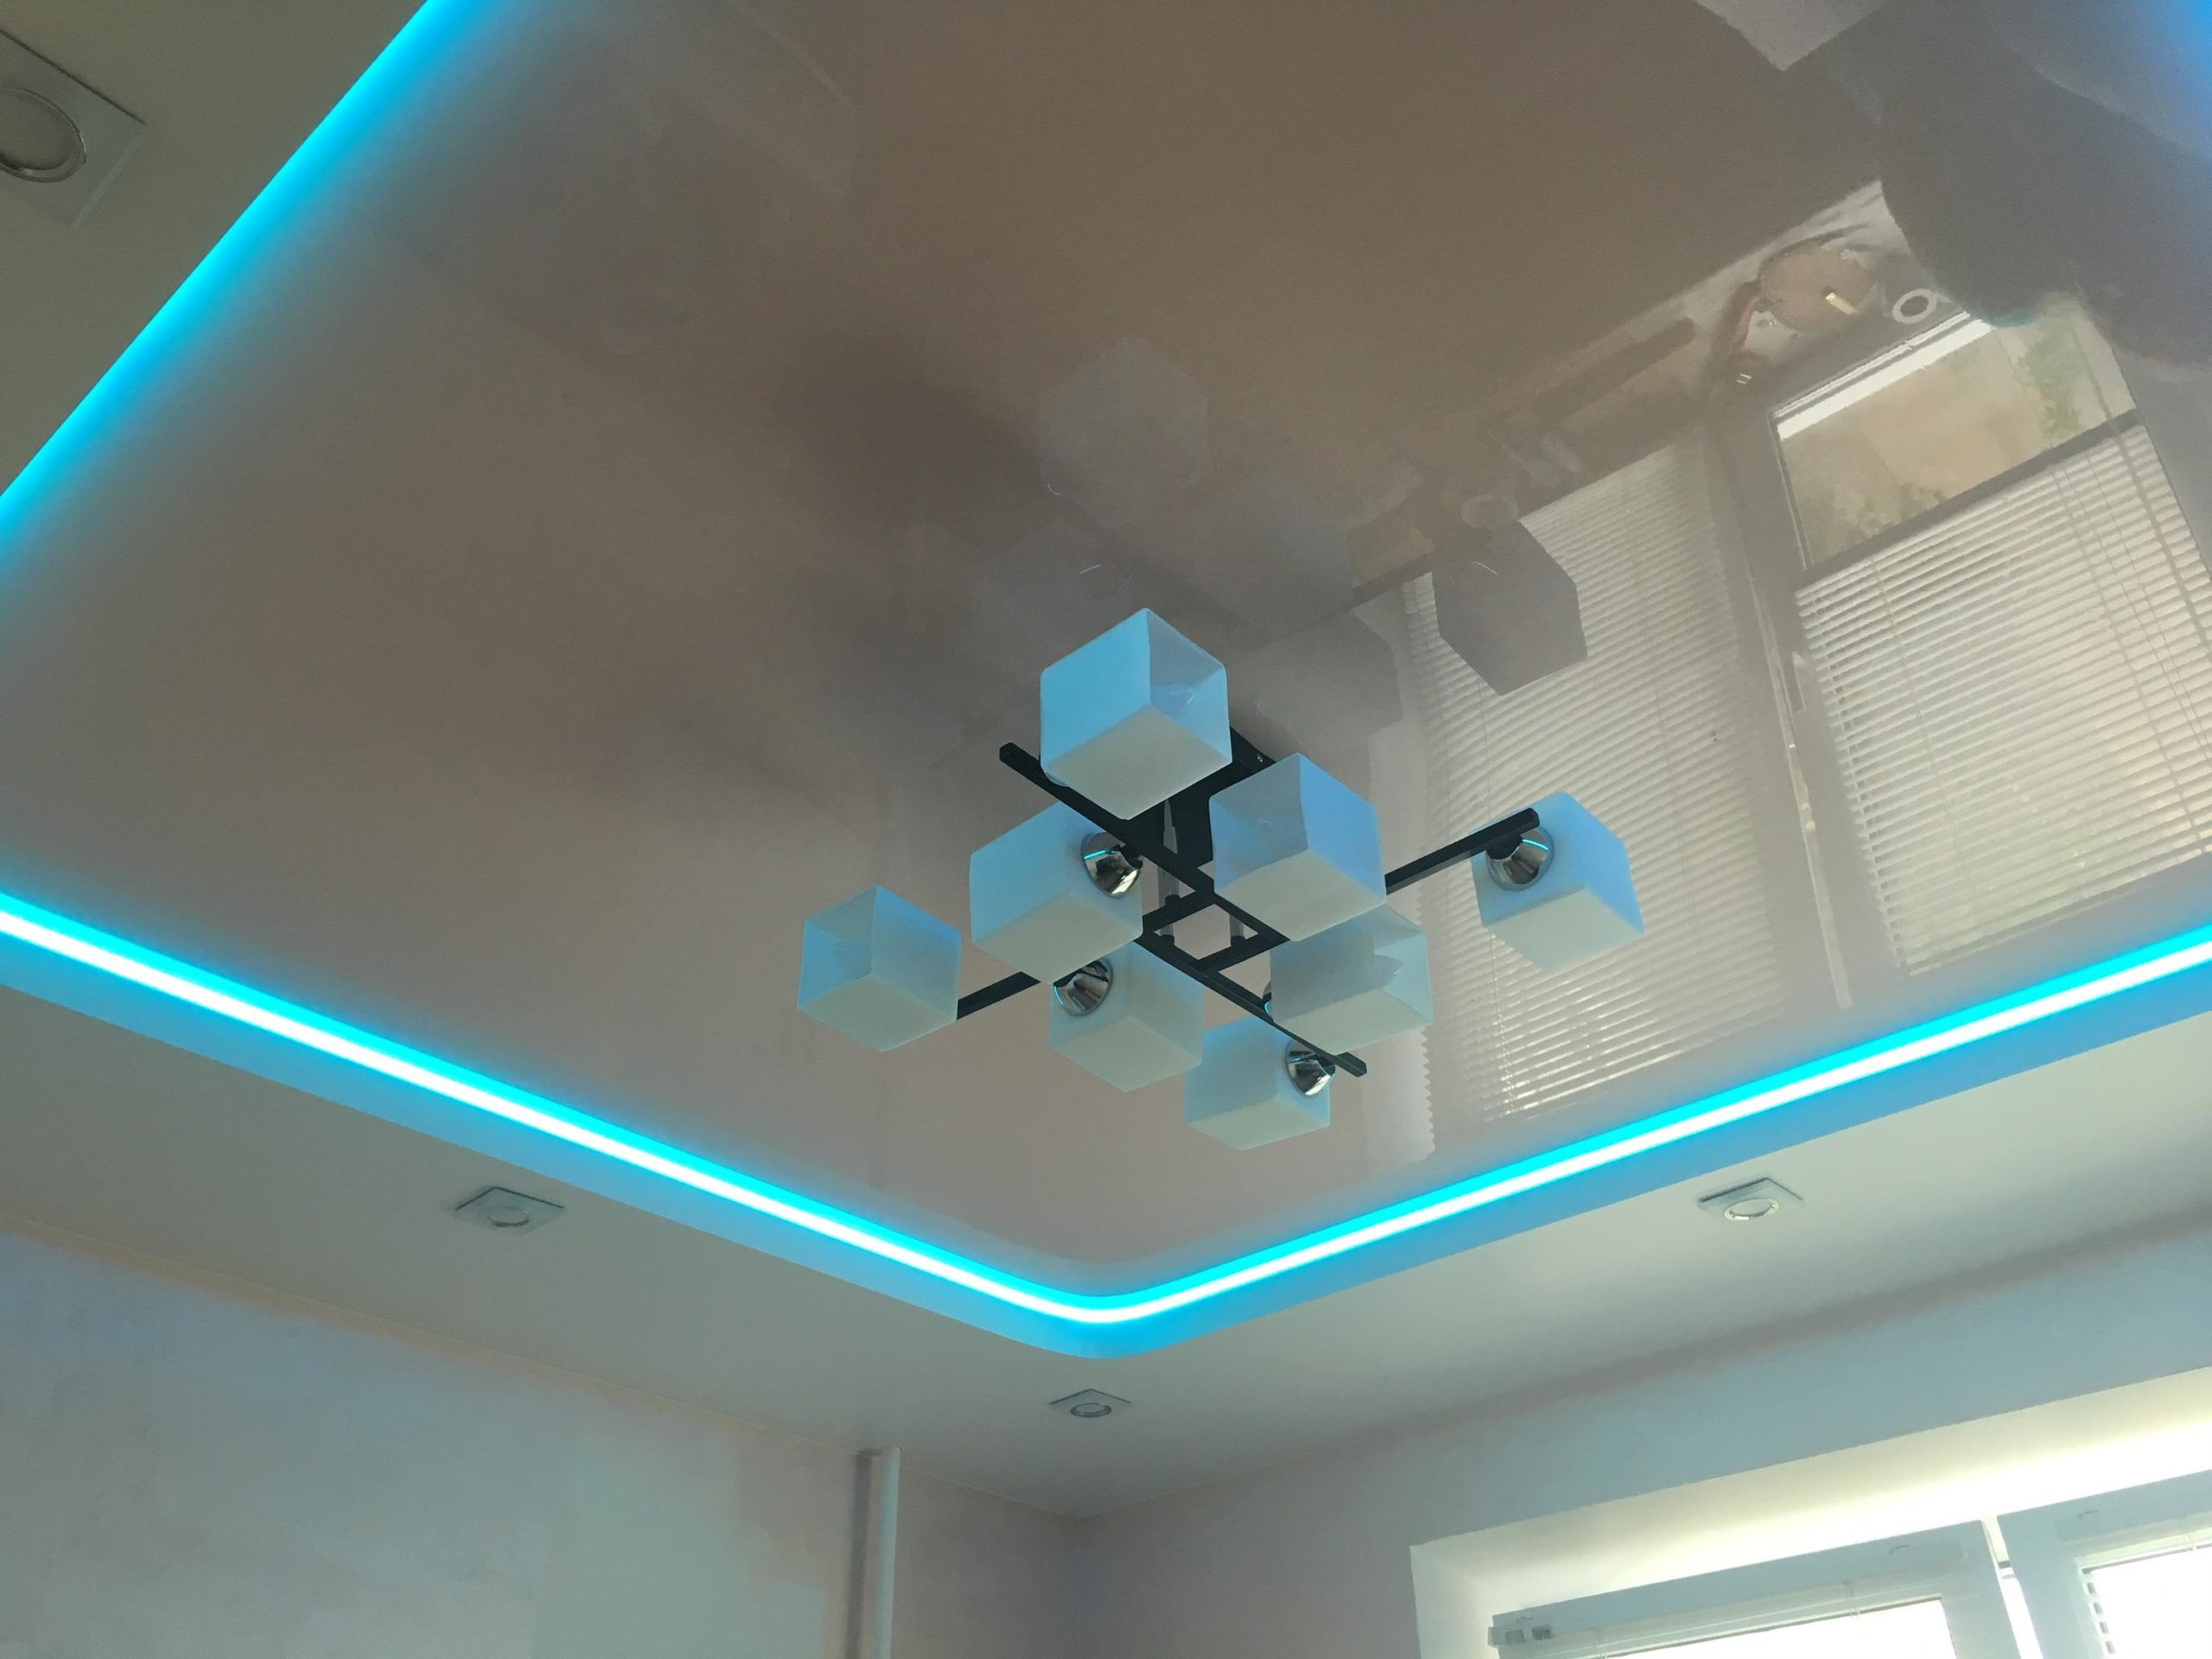 двухуровневые натяжные потолки абажур ковров